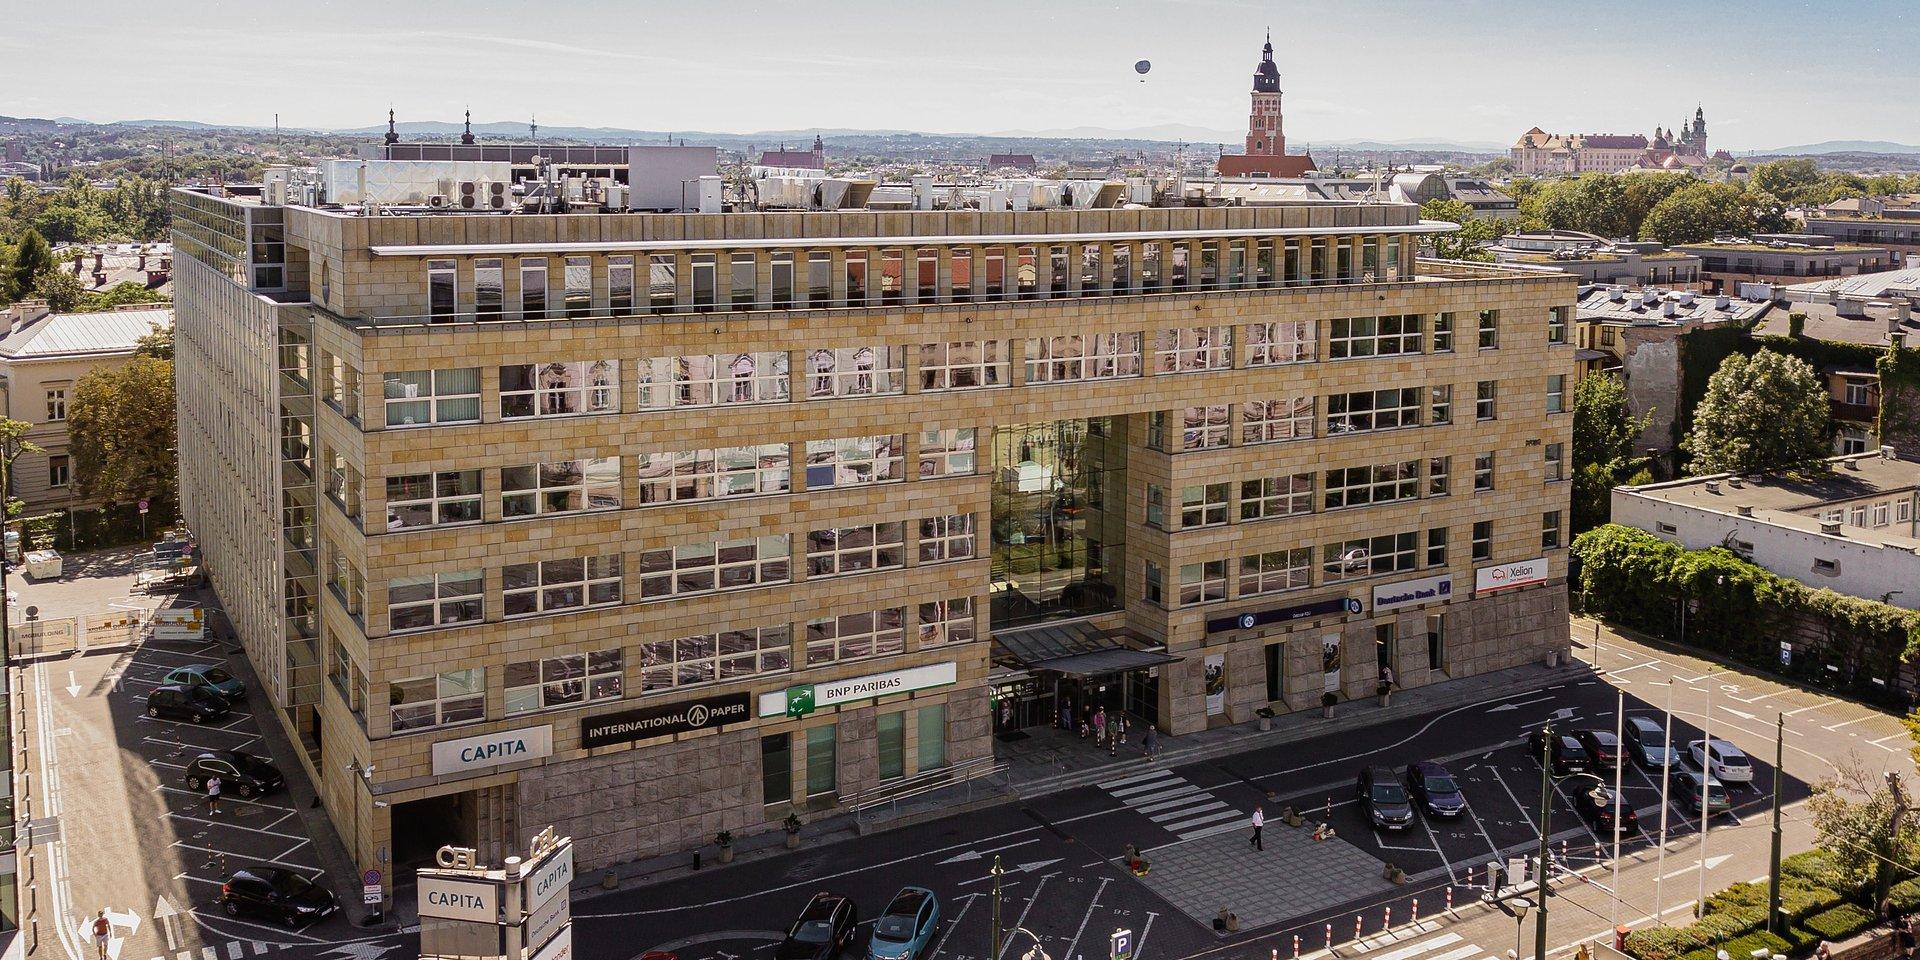 Allegro wynajmuje nowe biuro i powiększa zespół technologii w Krakowie